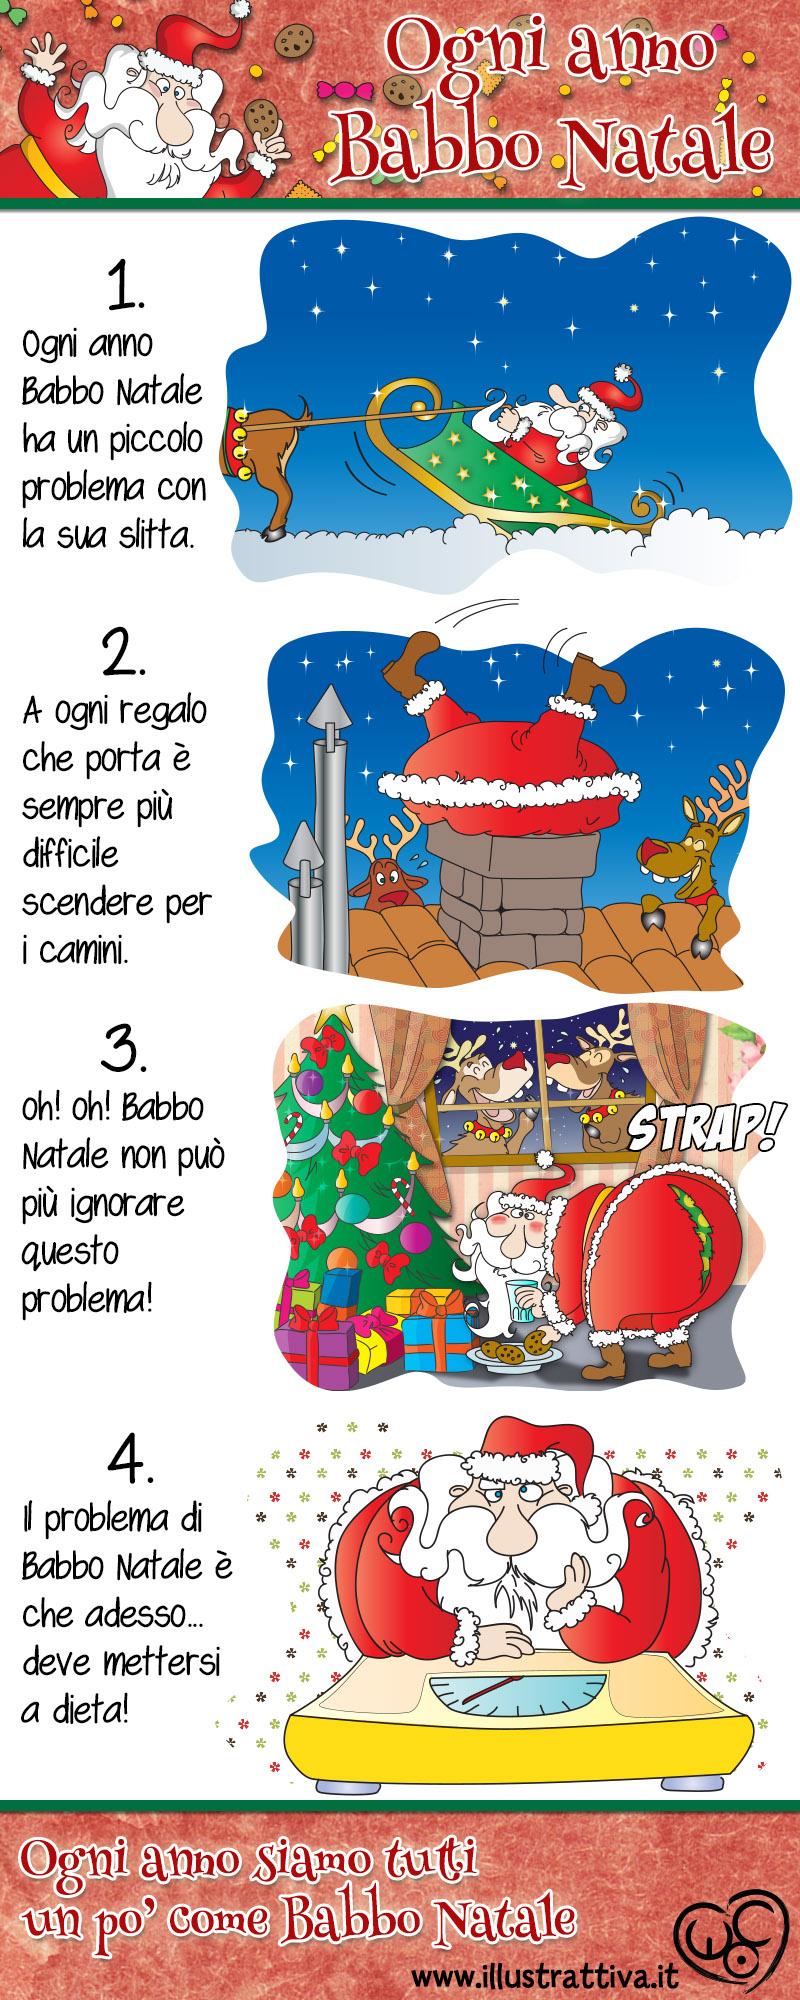 Ogni Anno Babbo Natale, storia illustrata per bambini